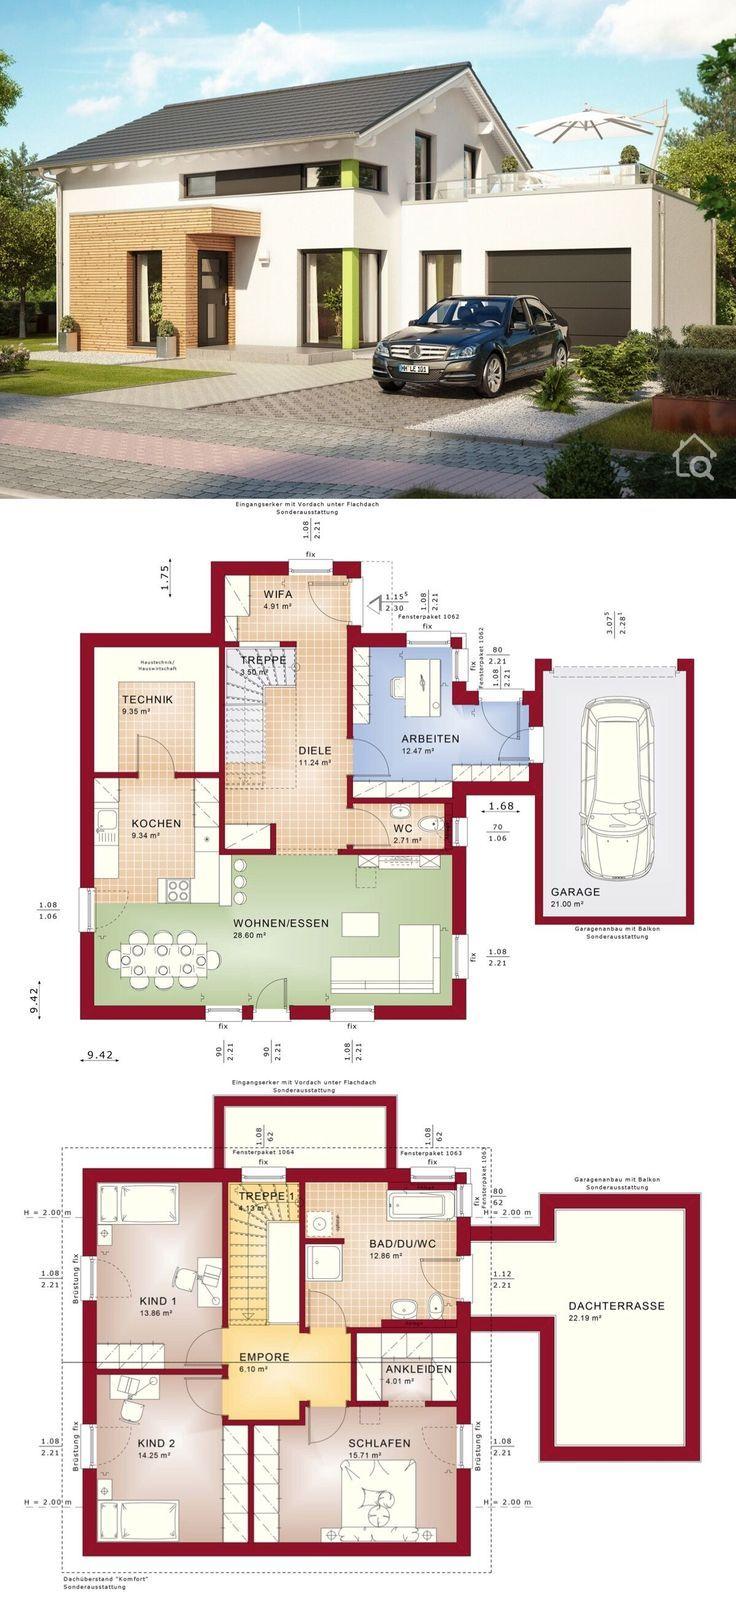 Einfamilienhaus EVOLUTION 143 V5 mit Garage